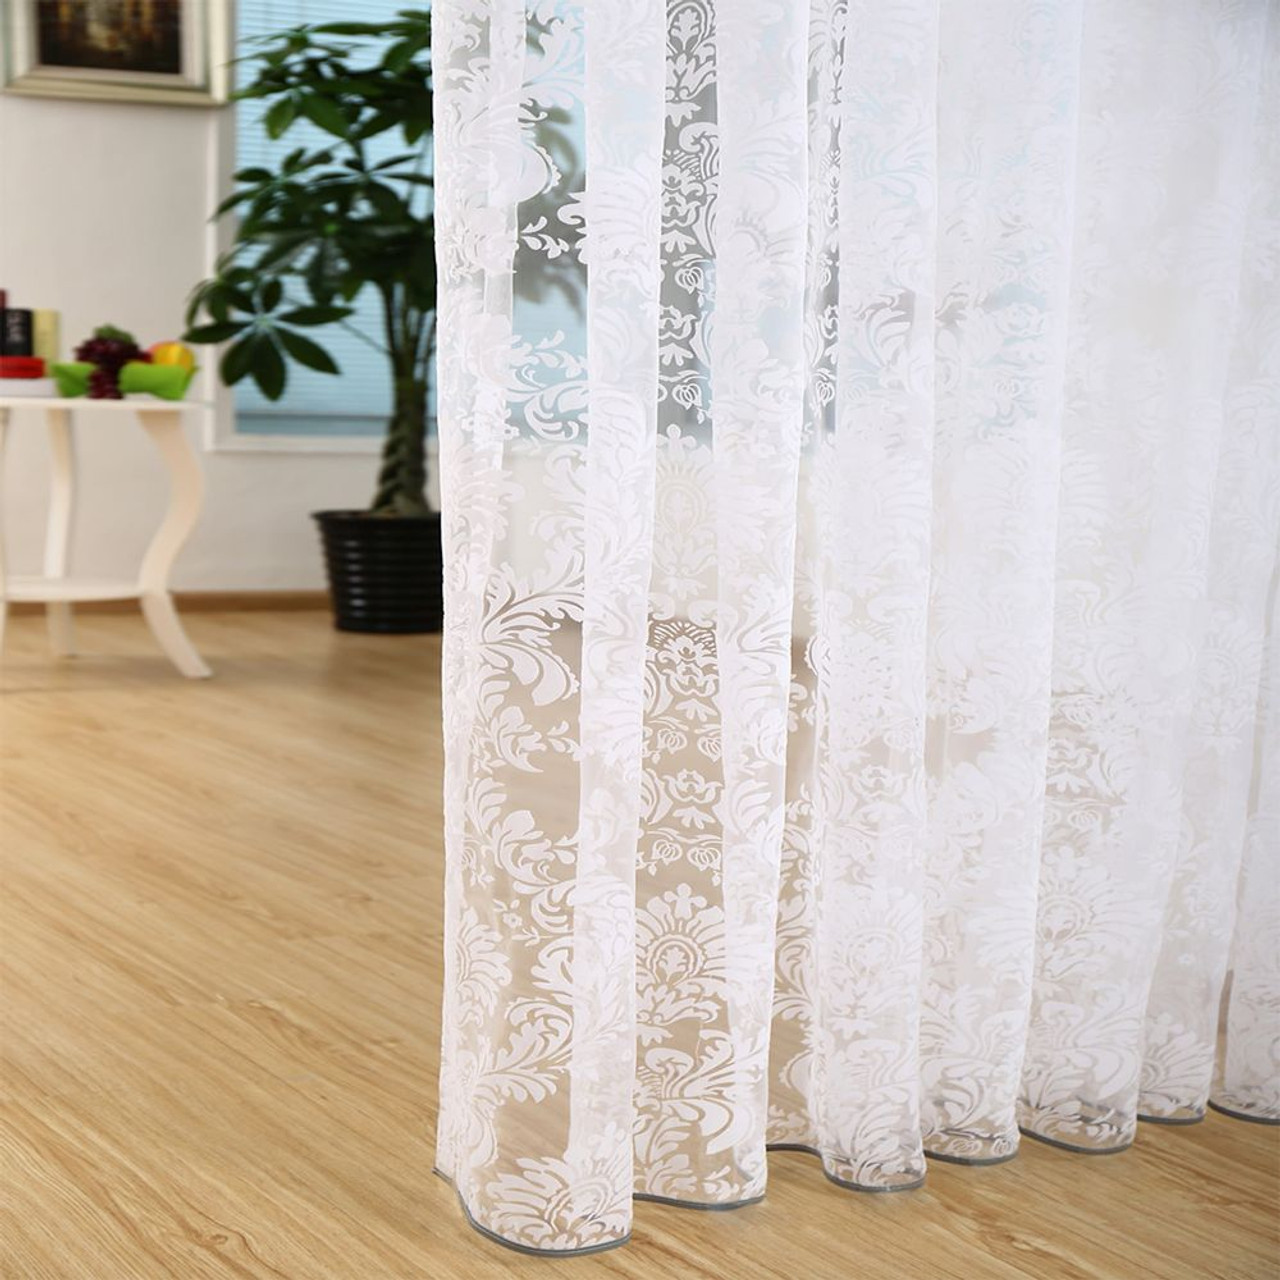 Sheer Curtain Panels - Patras DMC481